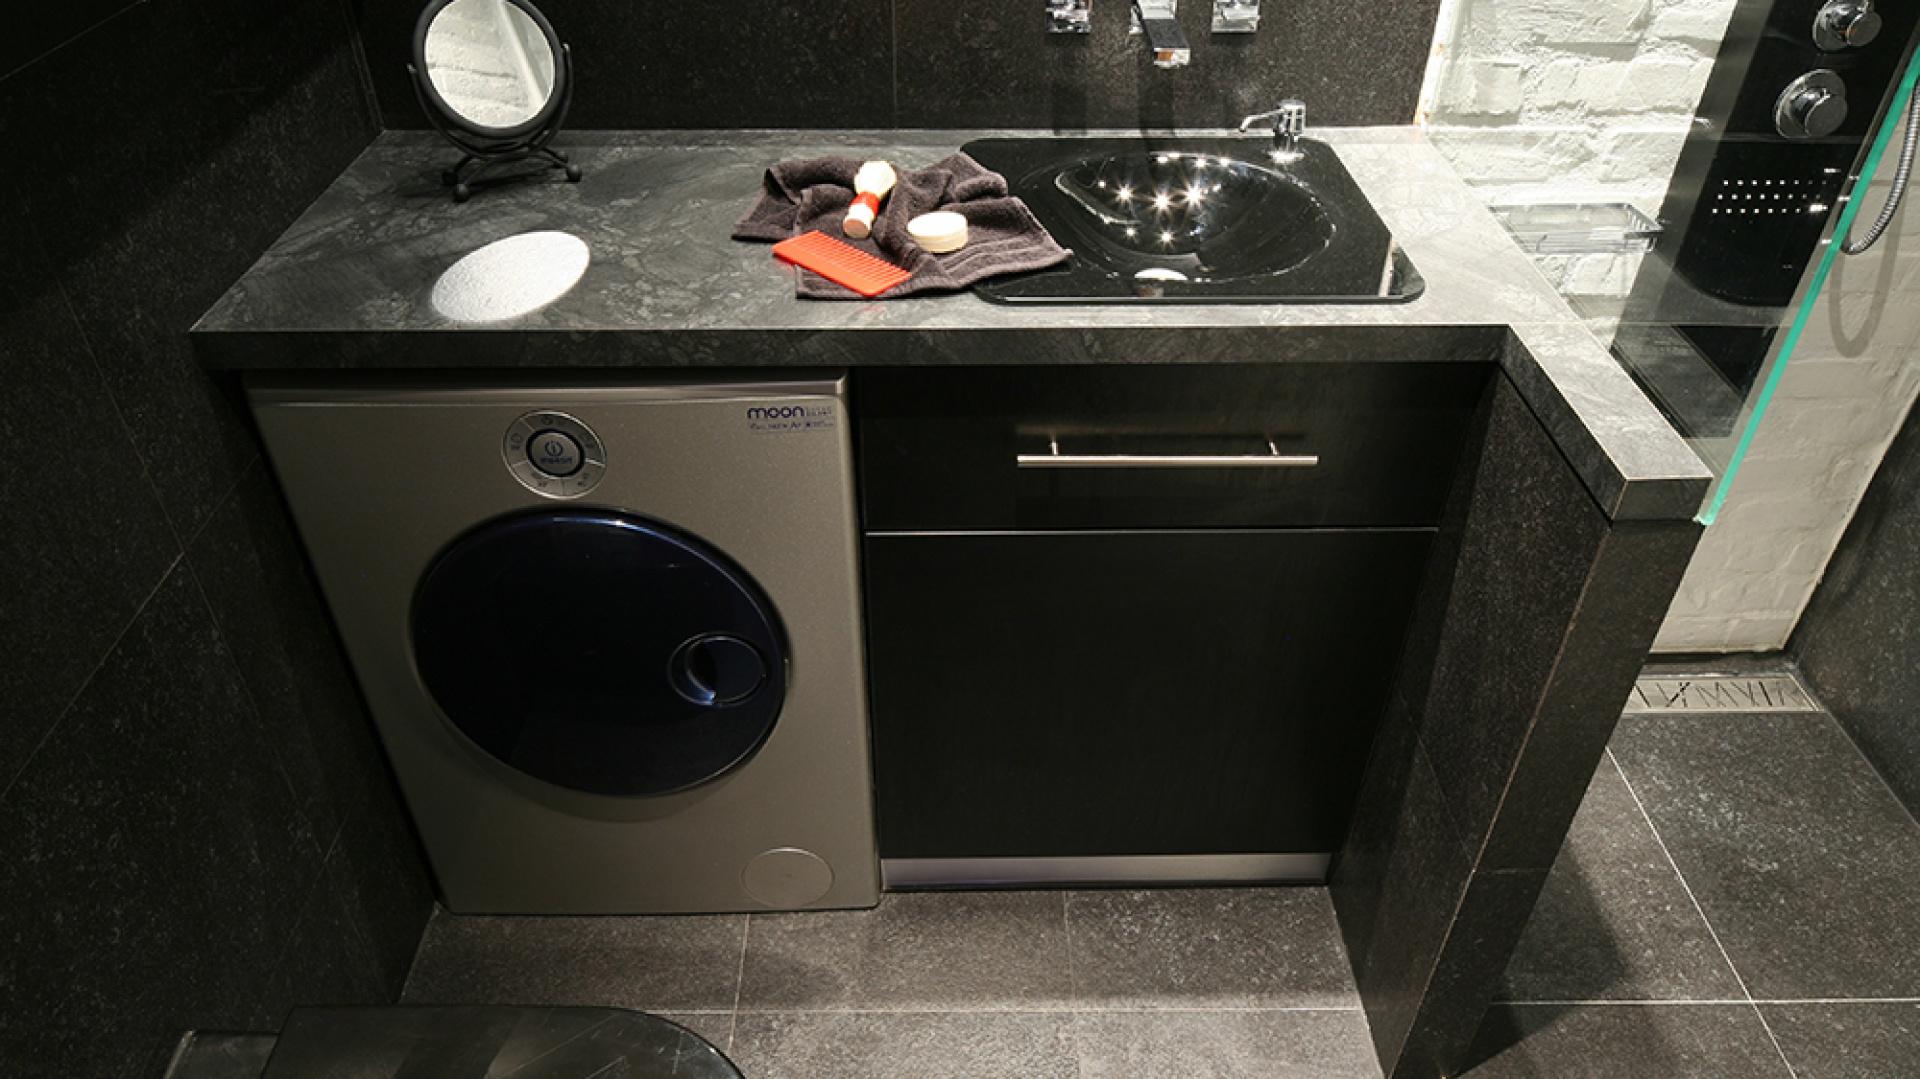 """Stworzona specjalnie do tego wnętrza konstrukcja blatu i szafki podumywalkowej zamyka także częściowo wnękę prysznicową. Pod blatem (z płyty laminowanej) szafka oraz pralka z designerskiej kolekcji """"Moon"""" marki Indesit. Fot. Bartosz Jarosz."""